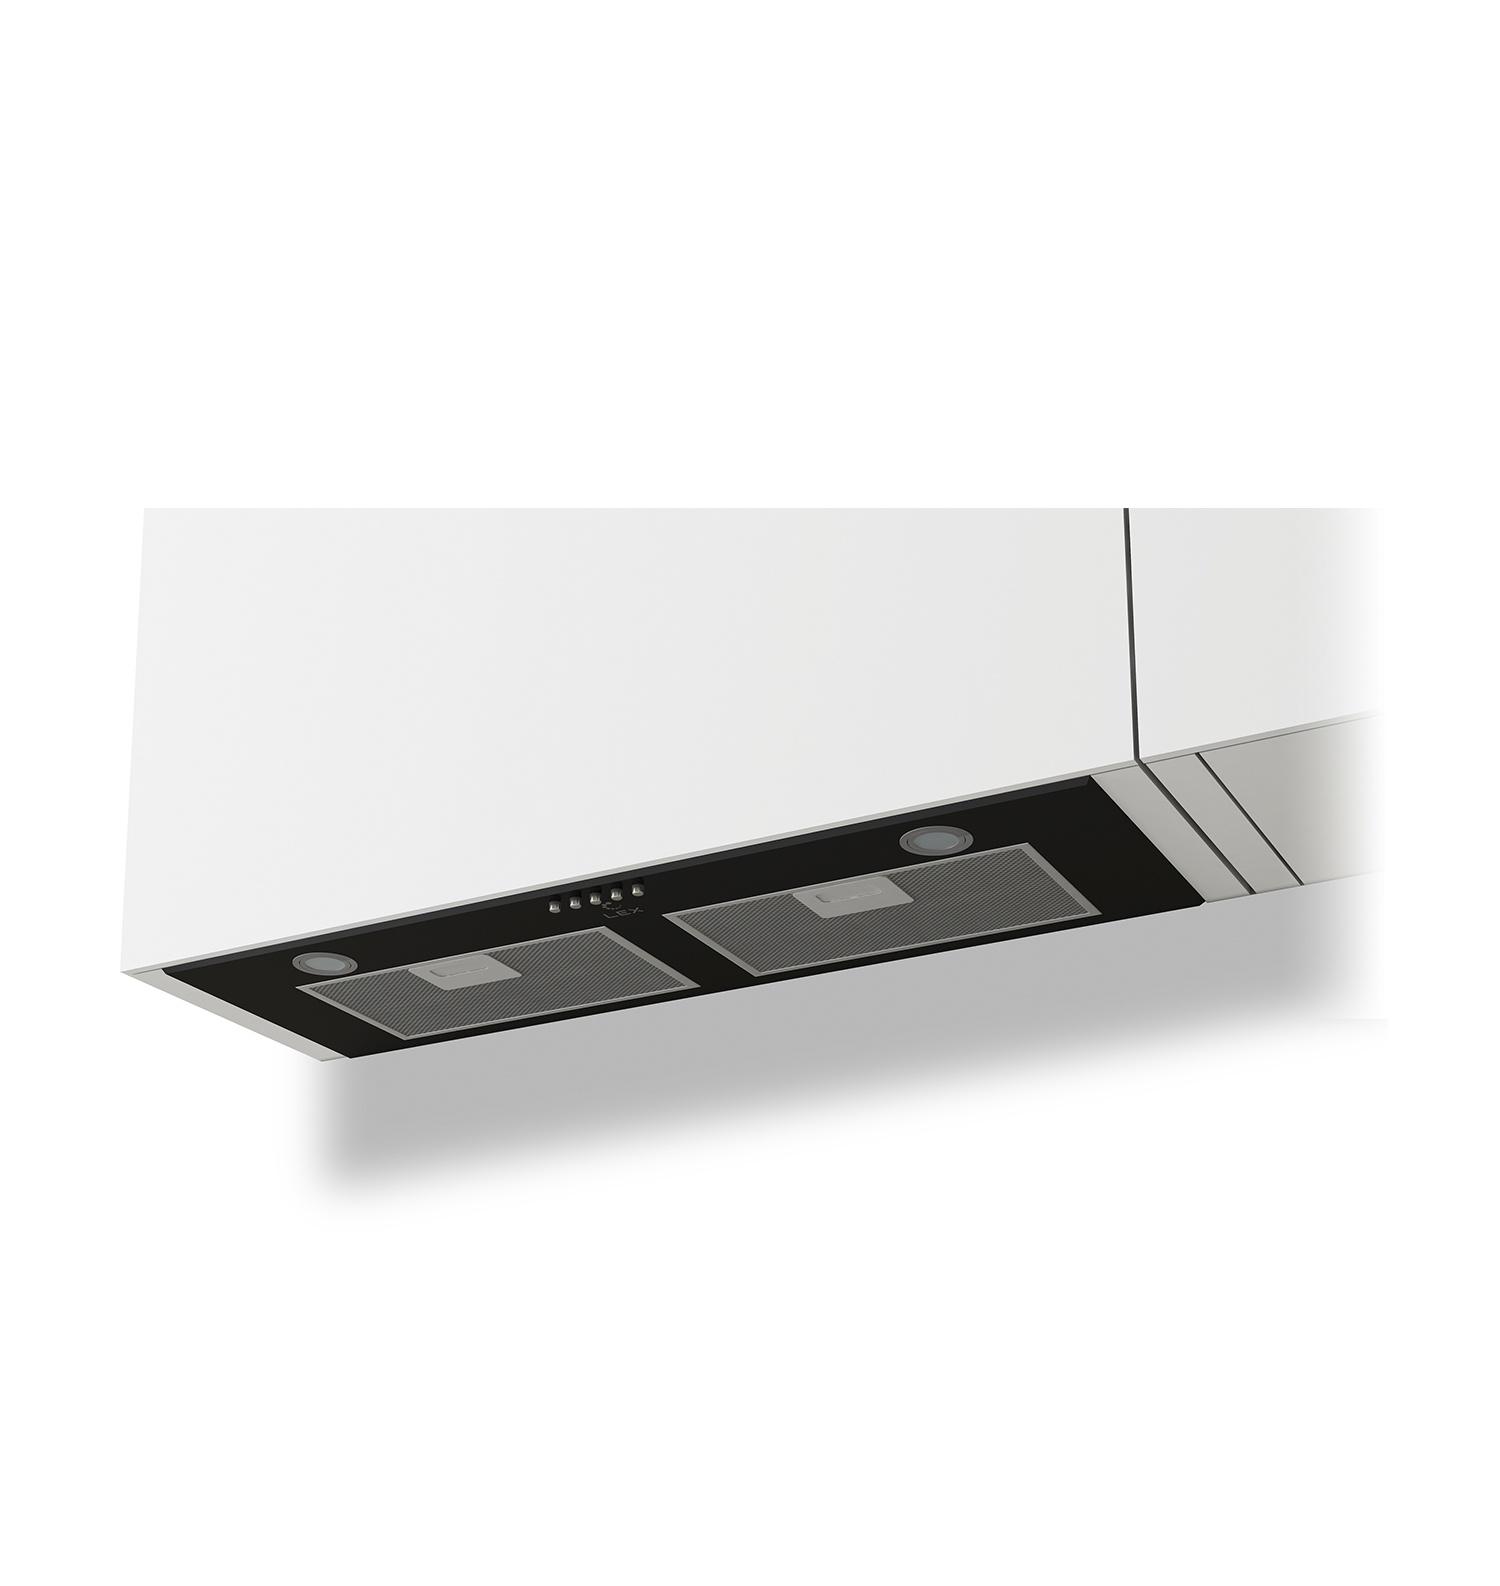 Встраиваемая кухонная вытяжка LEX GS BLOC P 900 Black цена и фото